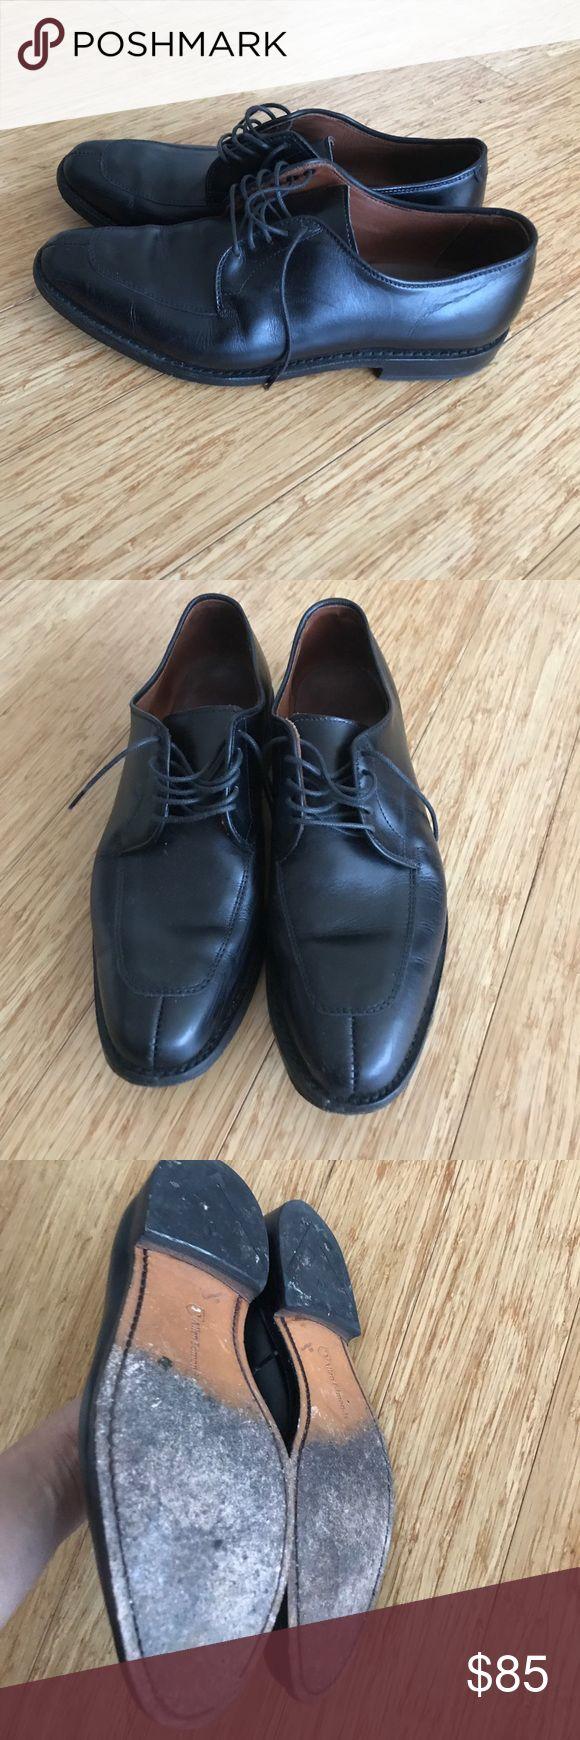 Allen Edmonds delray dress shoes size 8 Size 8. Worn only a few times. Excellent condition. Allen Edmonds Shoes Oxfords & Derbys